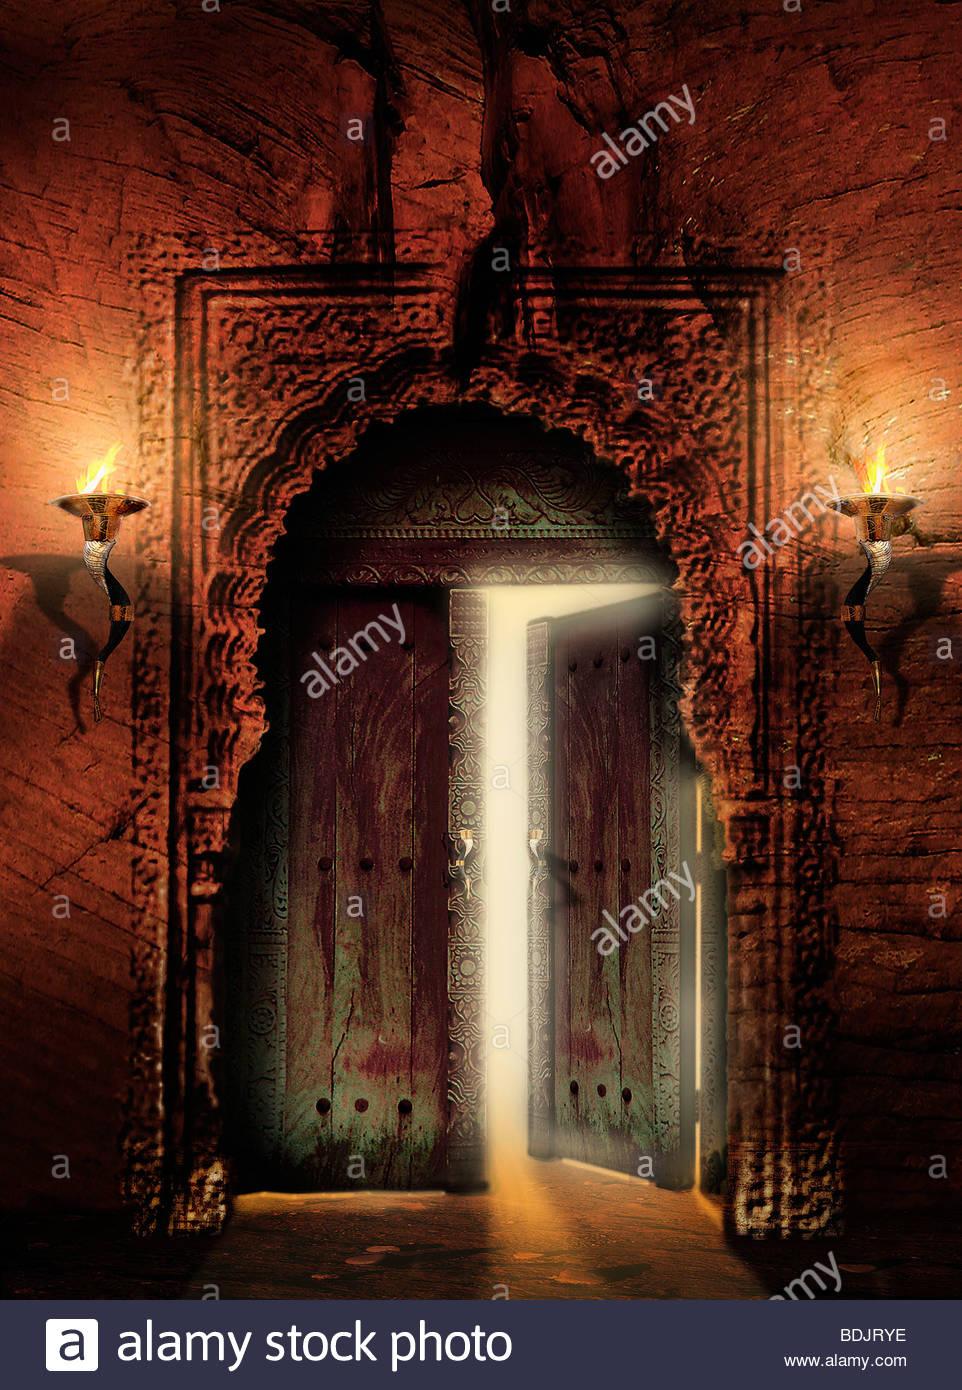 Ornate, ancienne porte avec la porte partiellement ouverte Photo Stock